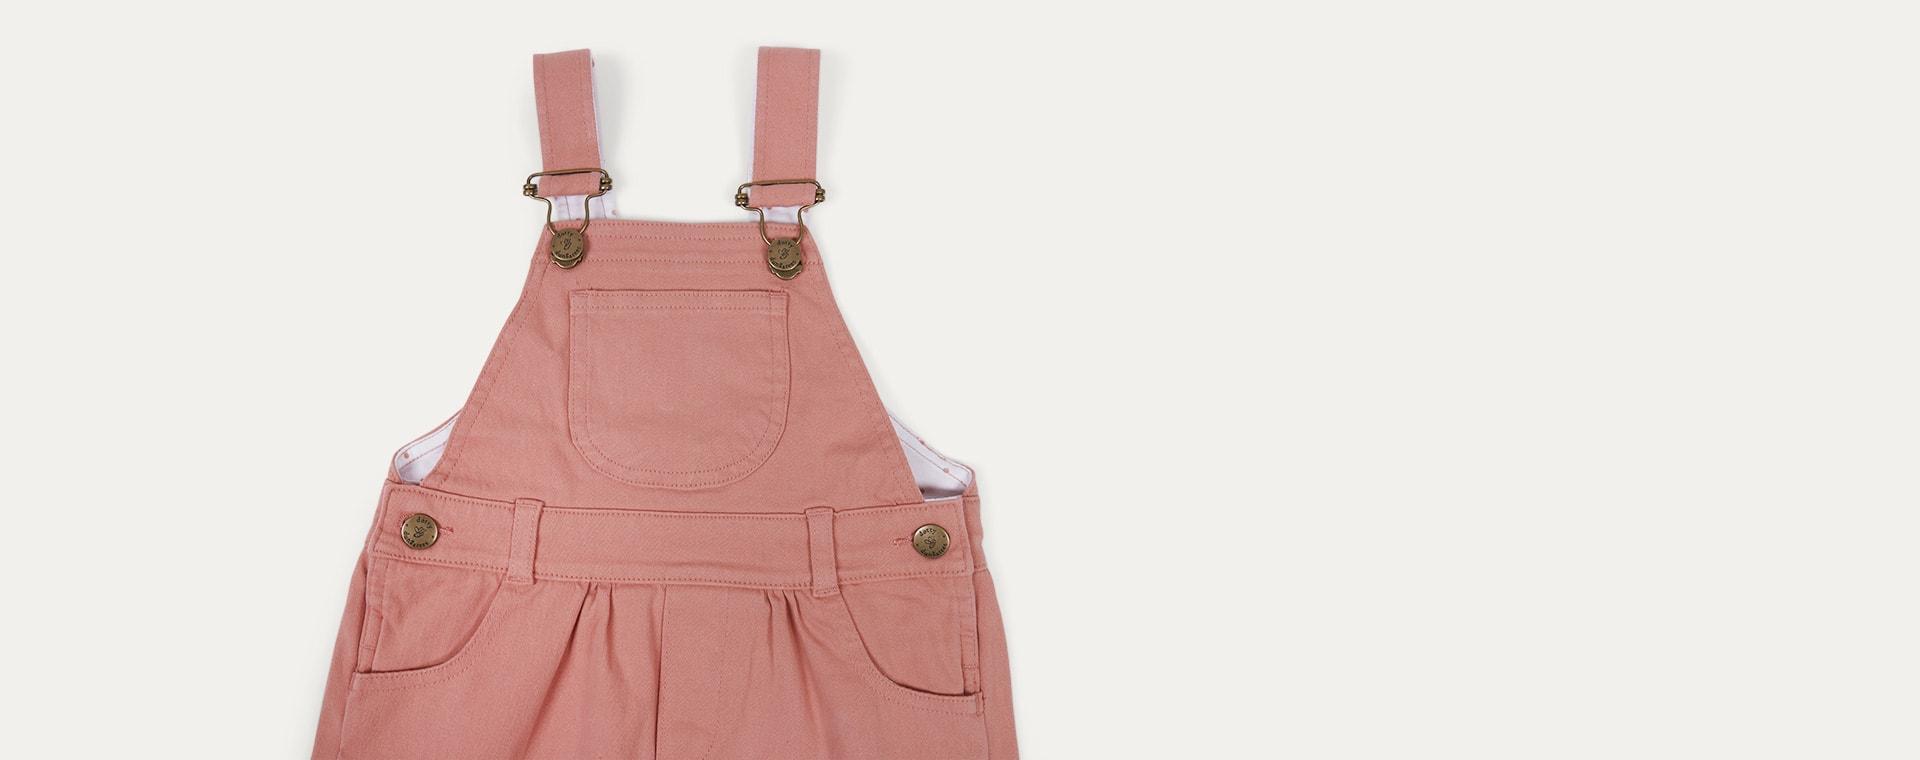 Arizona Pink Dotty Dungarees Brushed Twill Dress